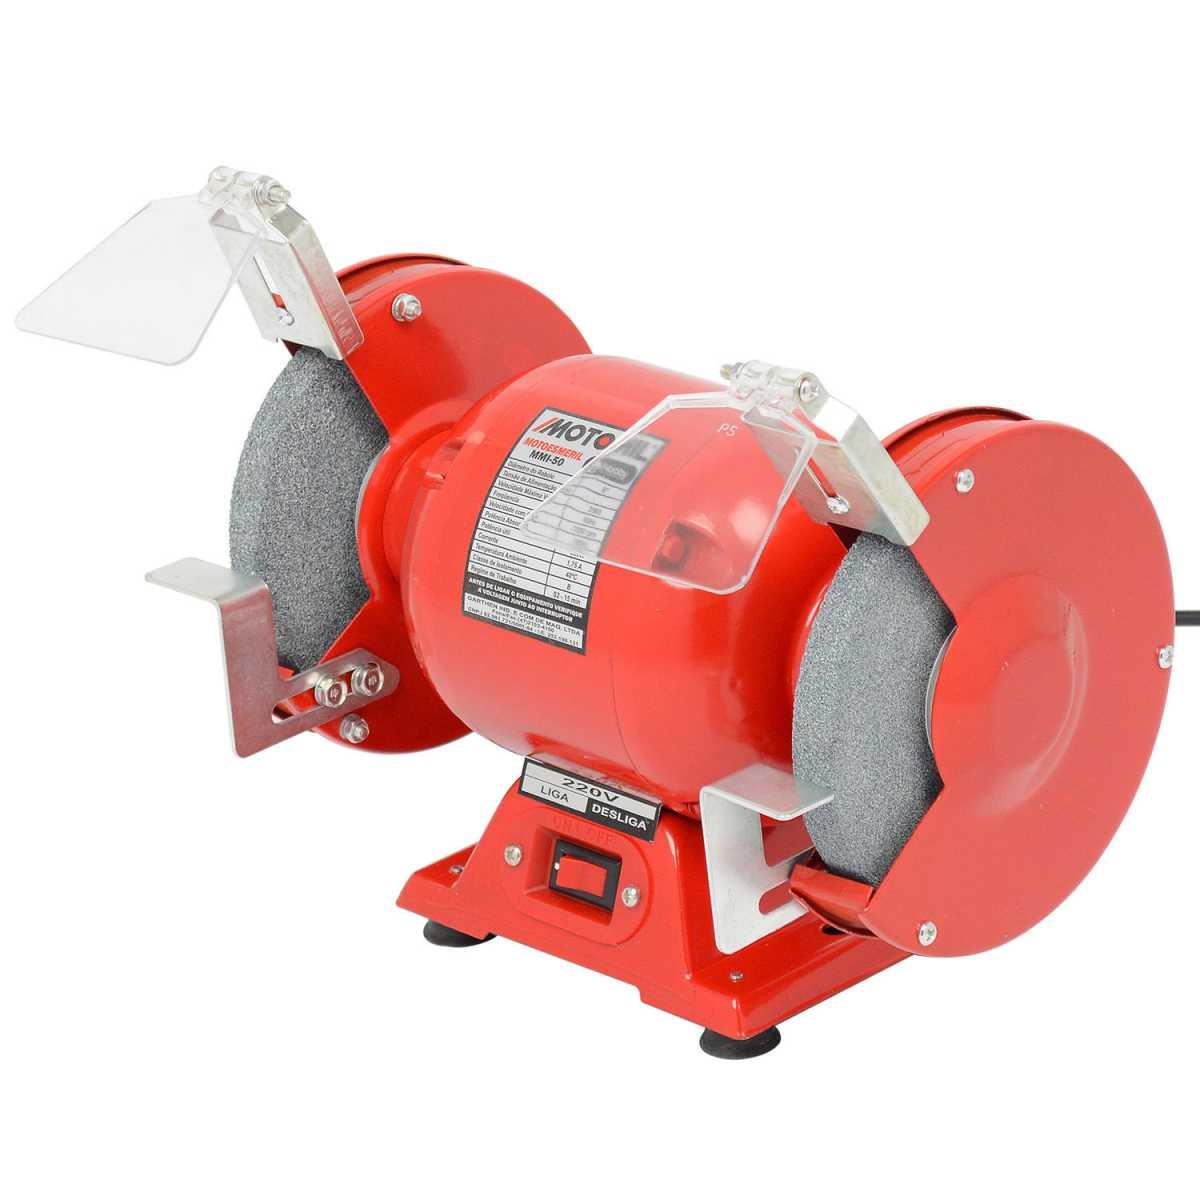 Motoesmeril 360 Watts Mmi-50 Motomil – 220V